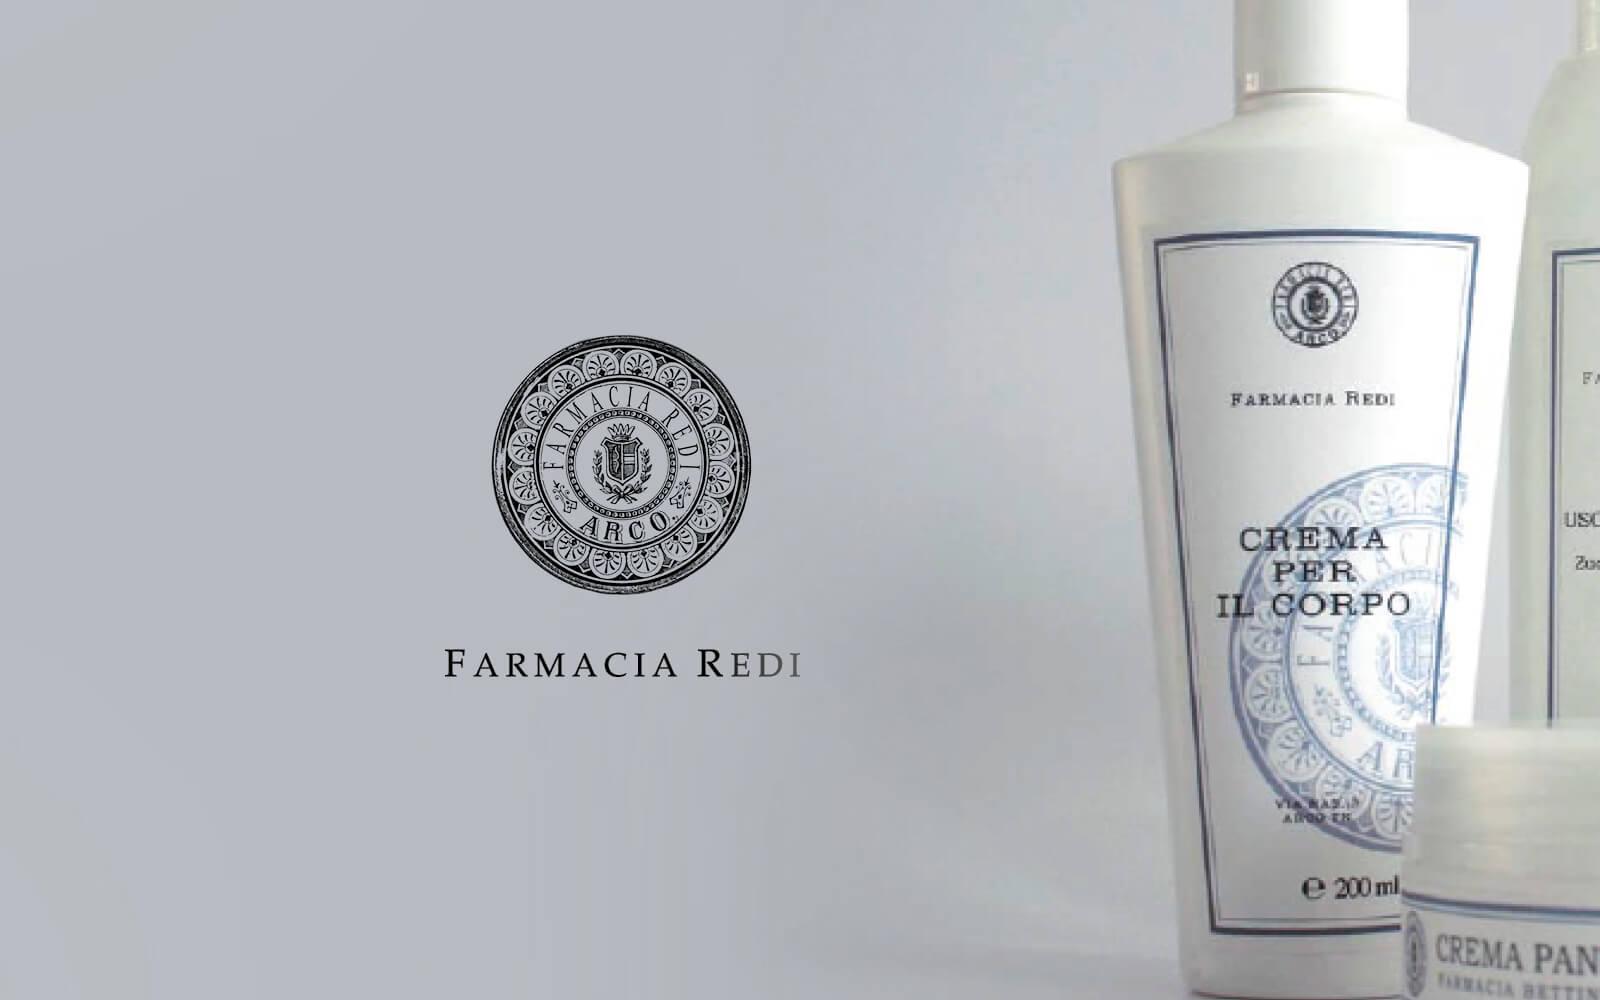 dettaglio progetto etichette prodotti farmacia realizzato dalla agenzia di pubblicità diadestudio ad arco di Trento